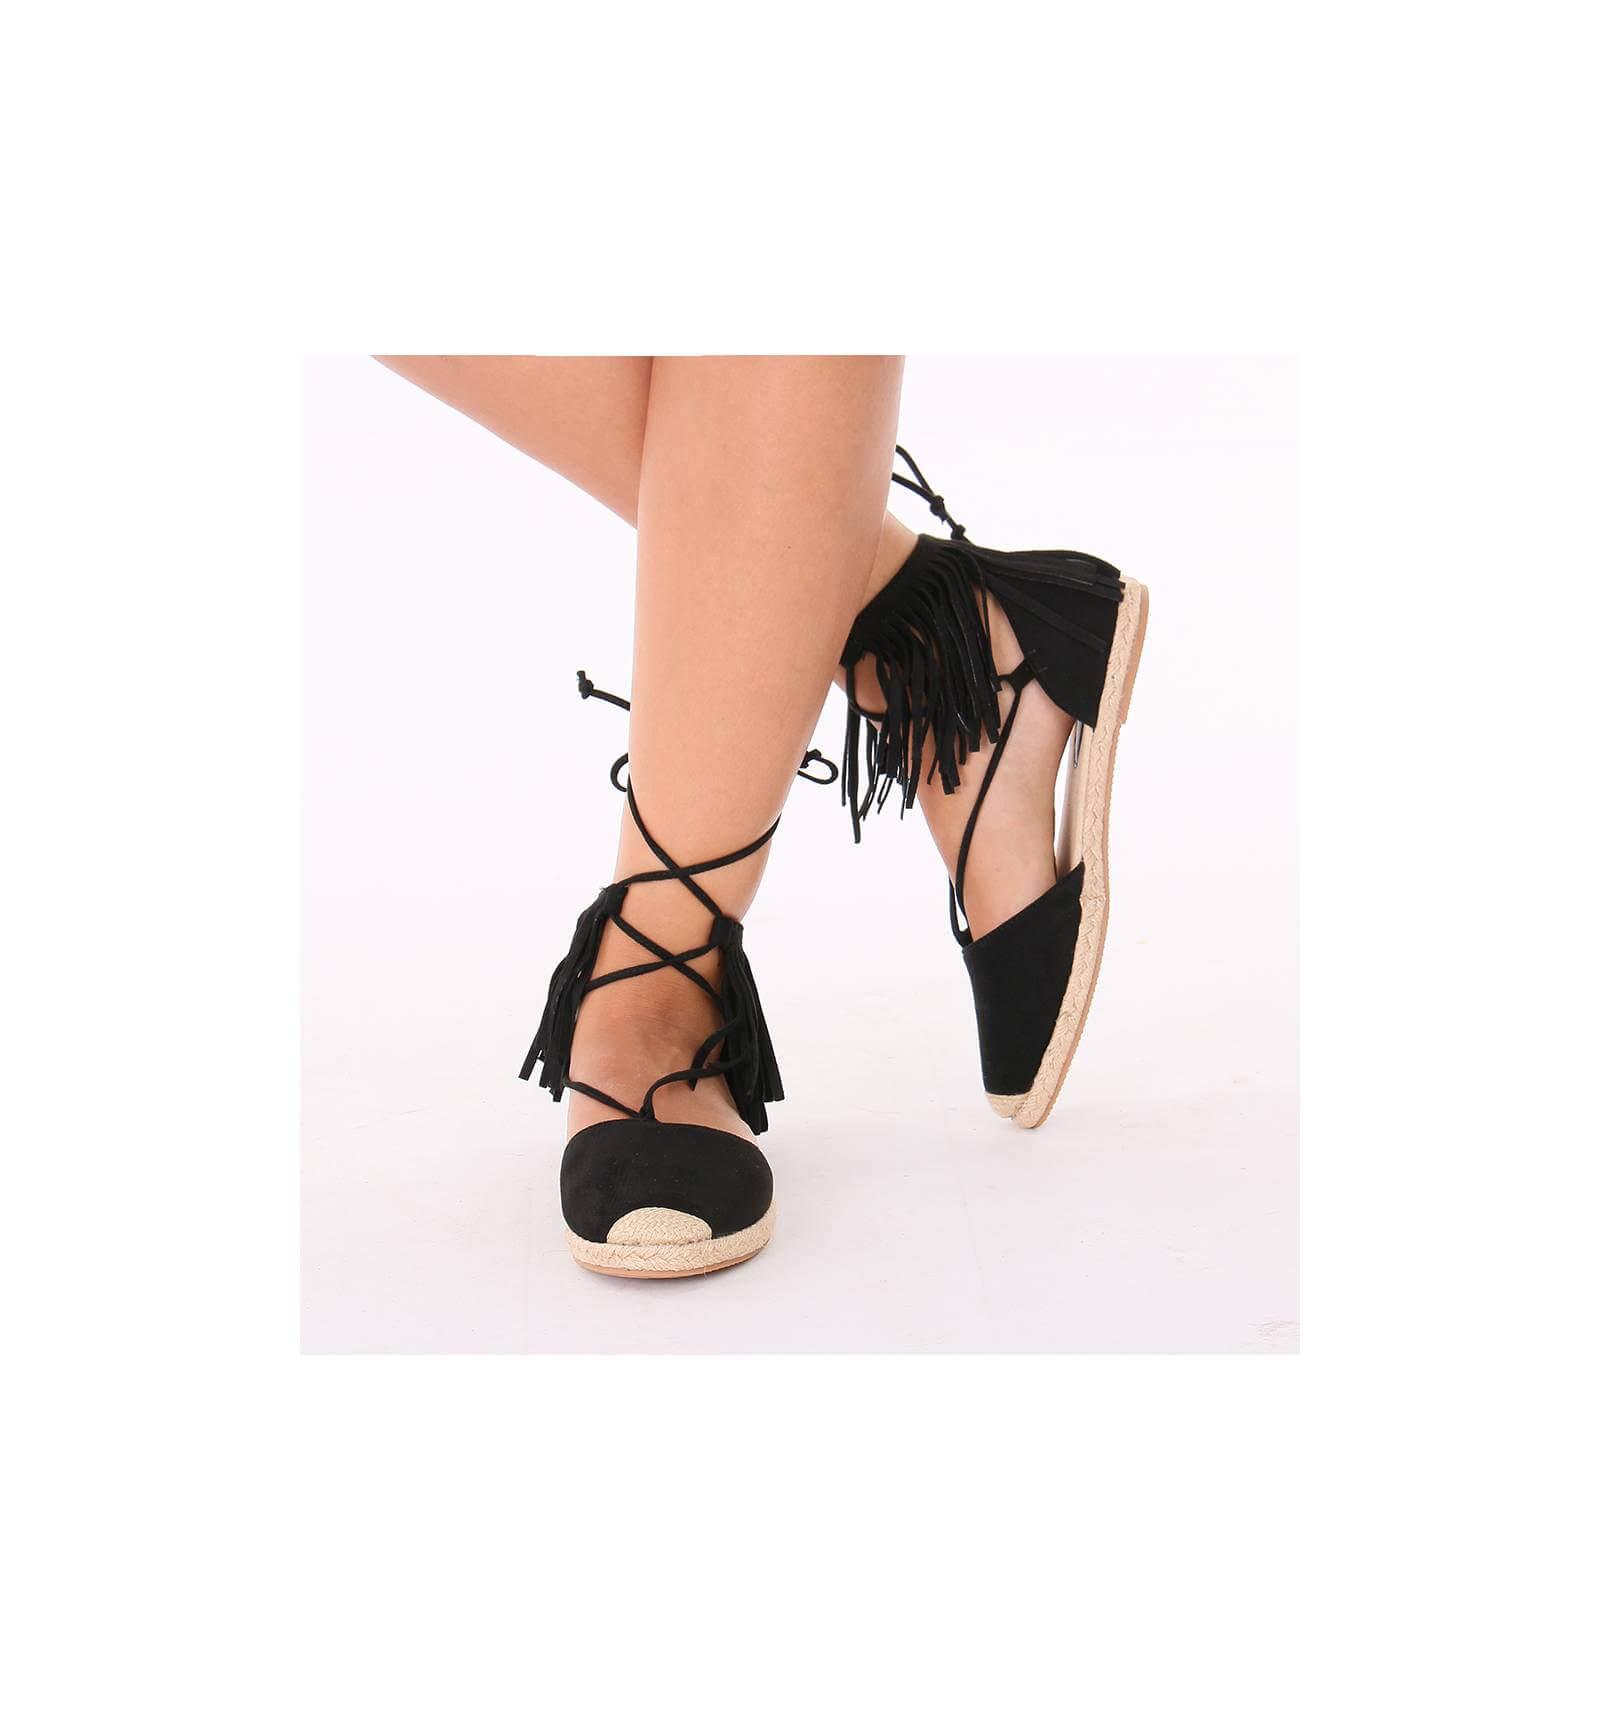 comment commander premier coup d'oeil clair et distinctif Sandales espadrilles femme avec franges et lacets daim noir ...